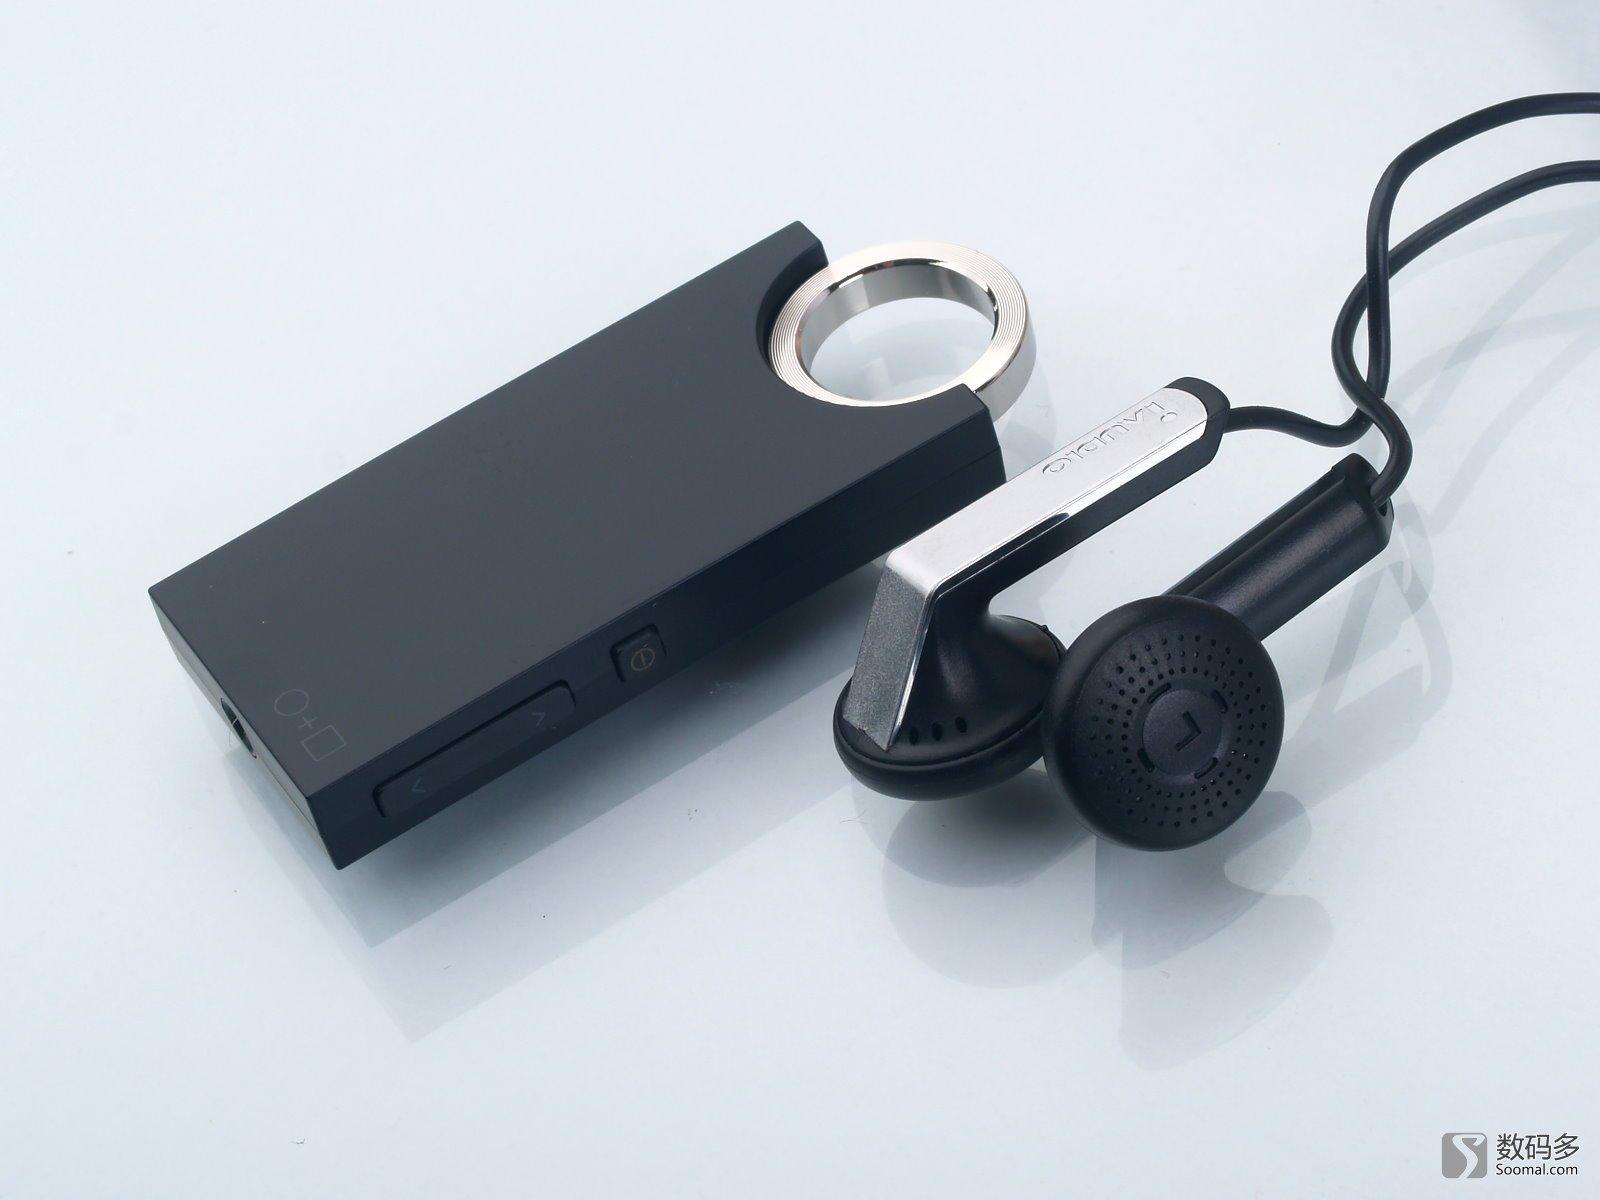 趙宇為作品 - iAudio 愛歐迪 Cowon E2 便攜式數字播放器測評報告 [Soomal][正體中文版]